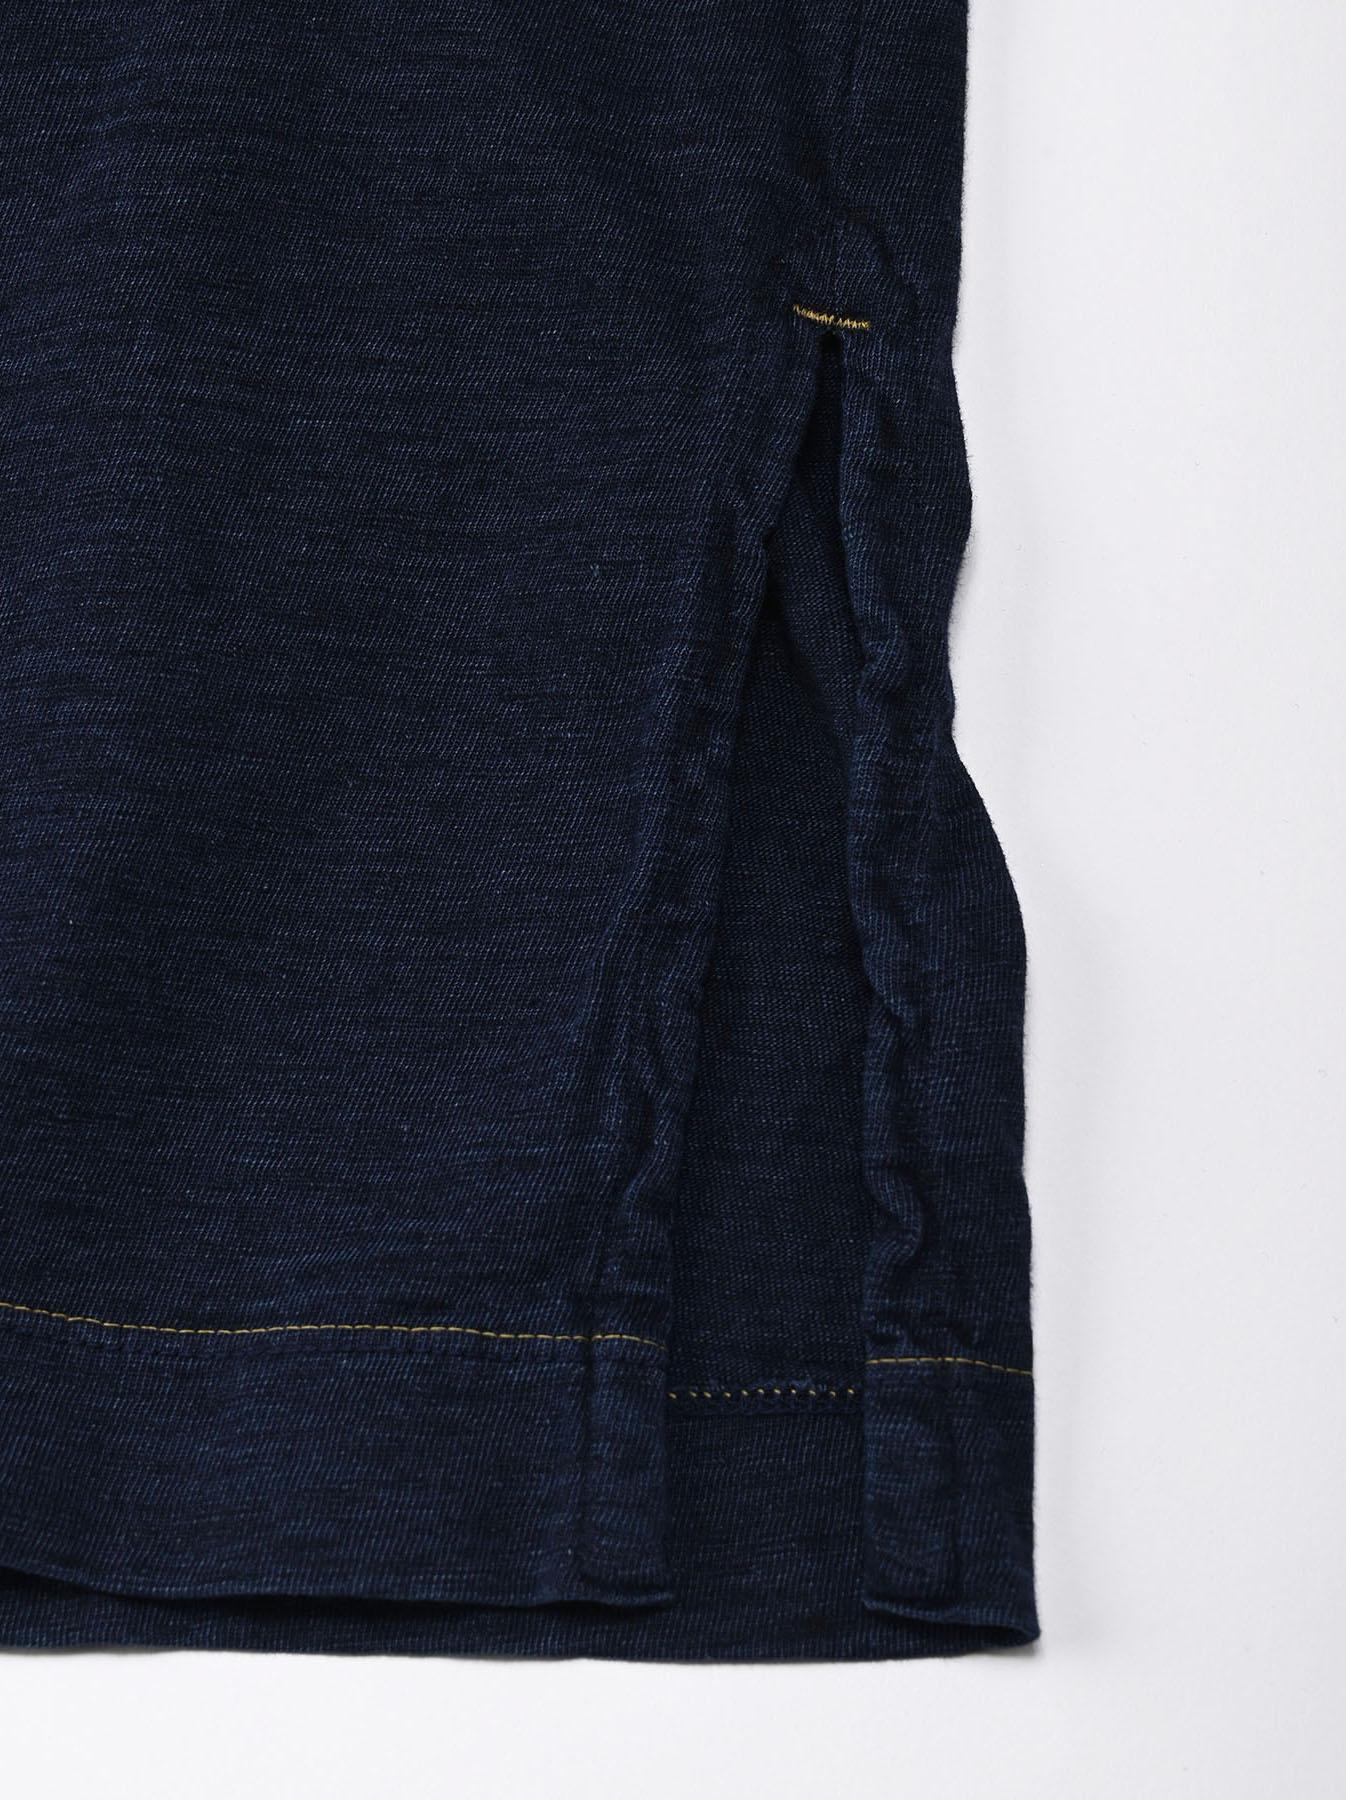 Indigo Nou Zimbabwe Cotton Big Slit T-shirt (0721)-6